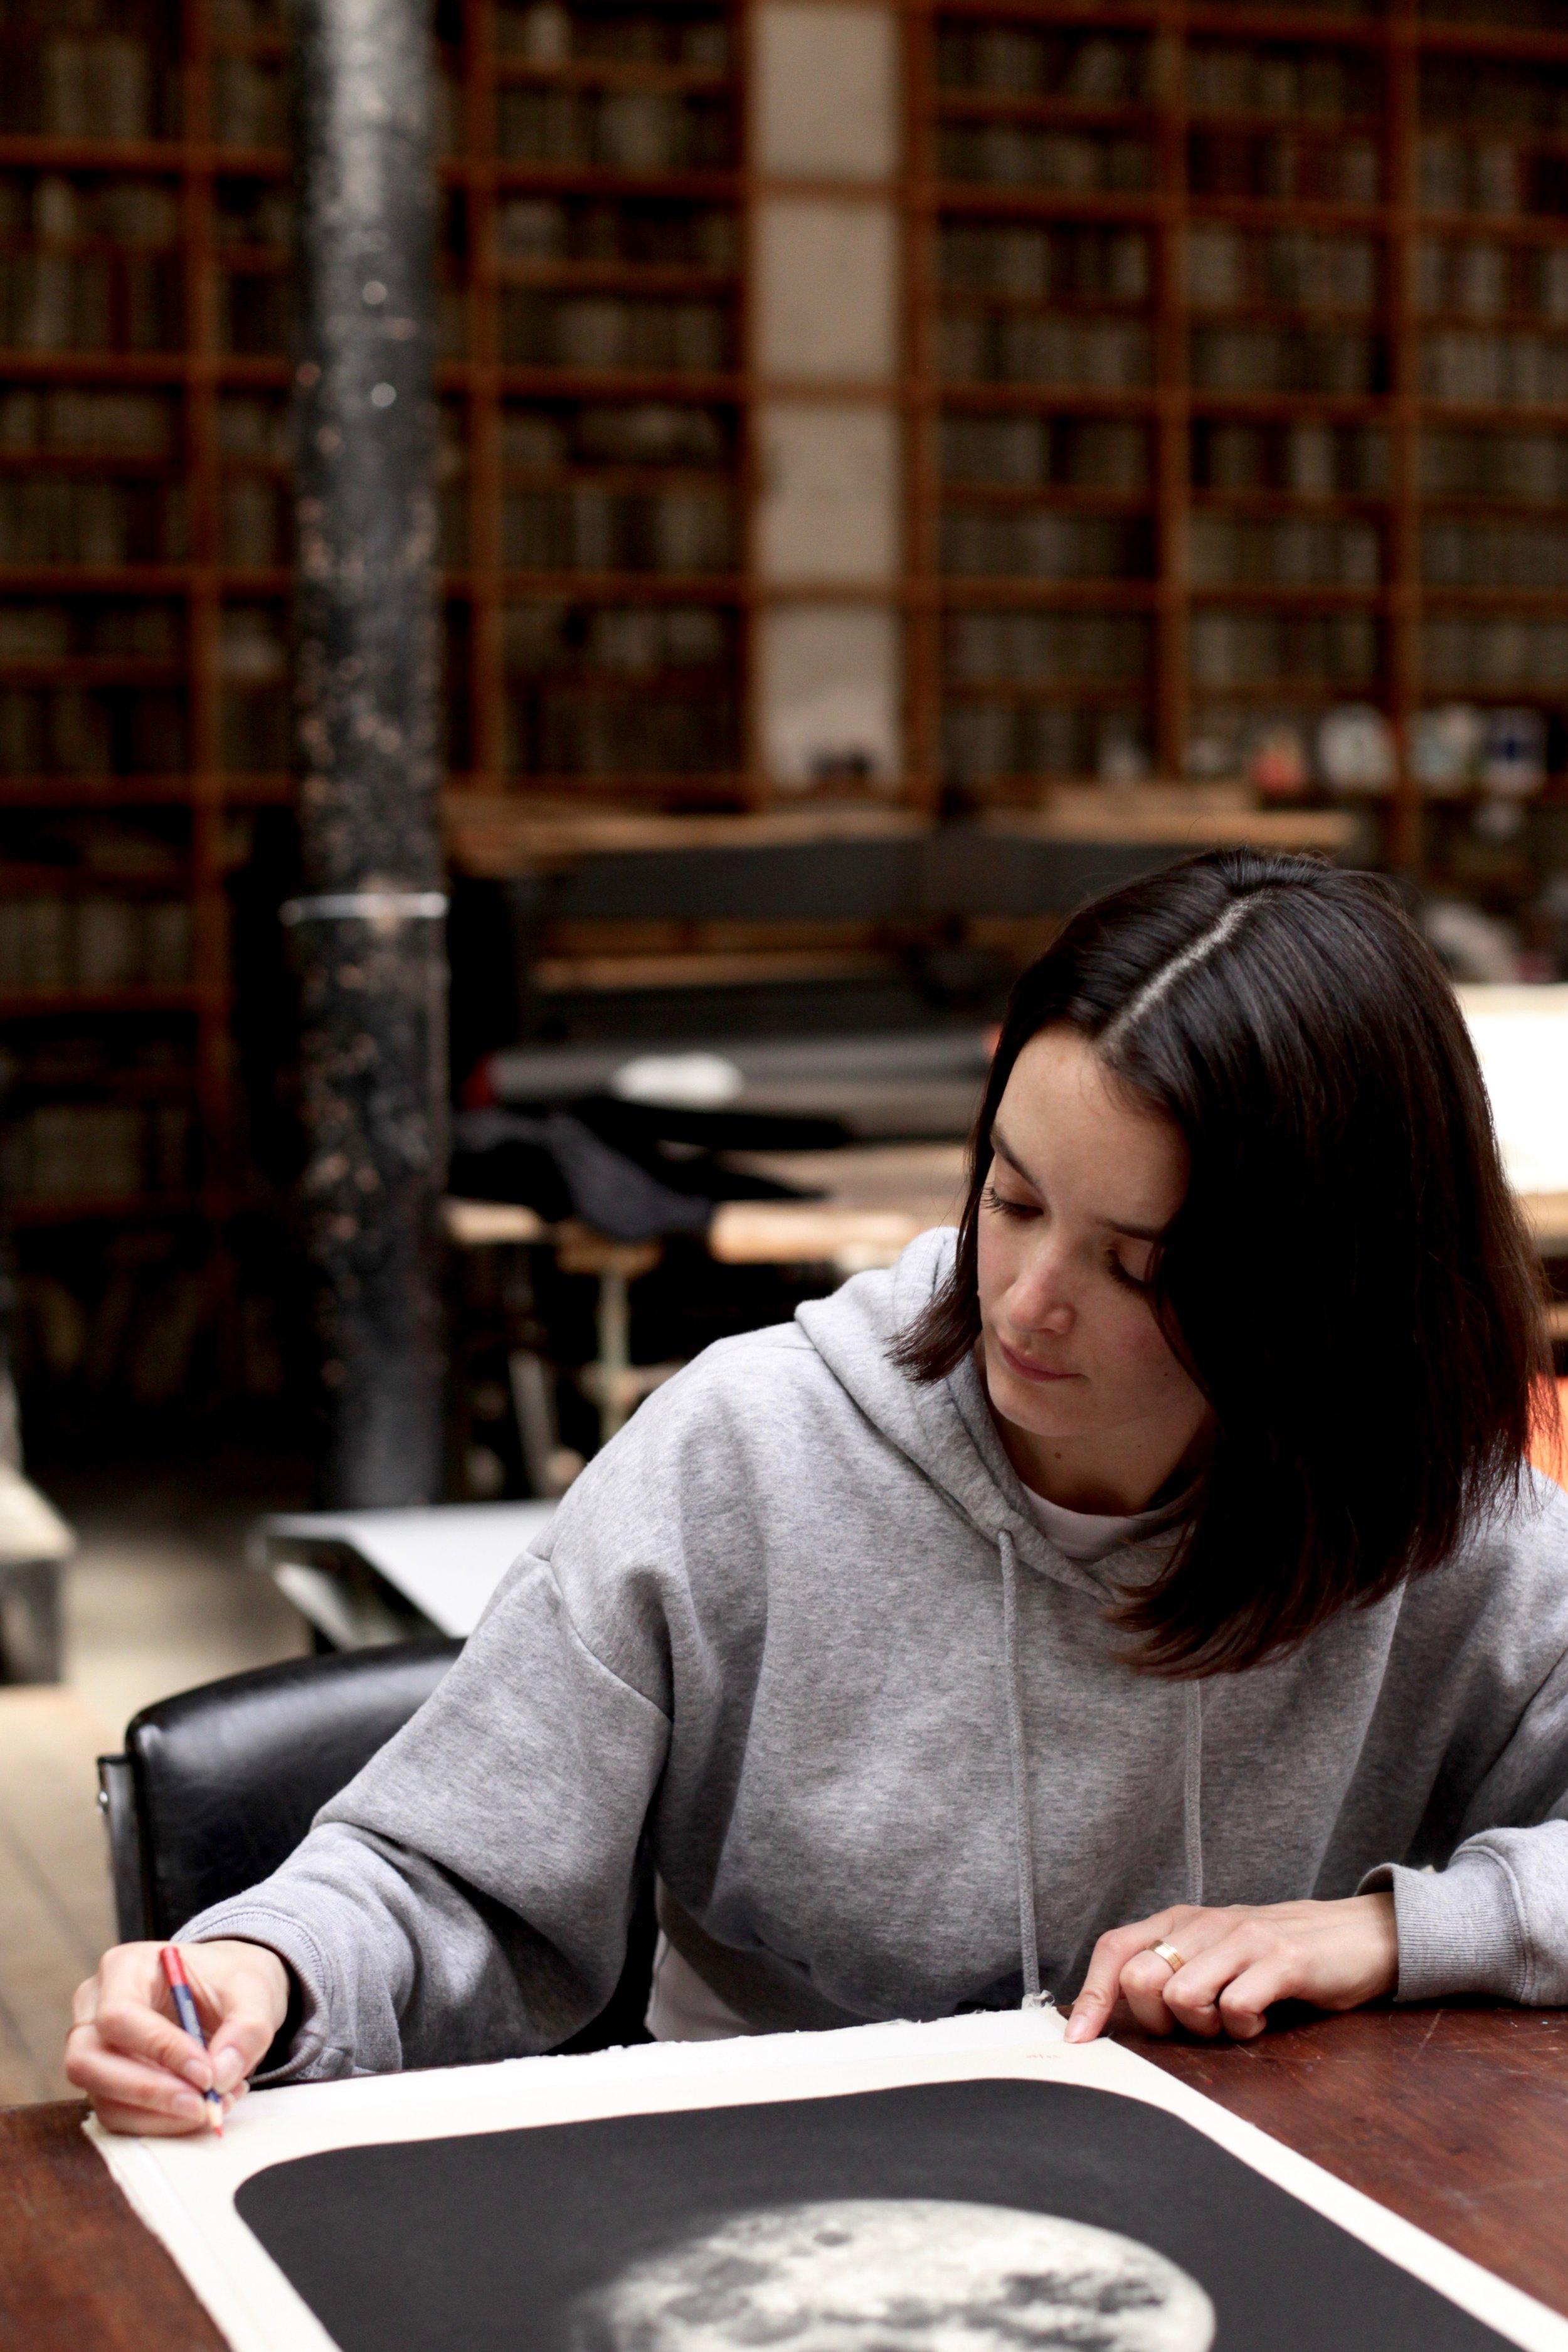 """NOUVELLE EDITION!    """"Creamy Moon"""", la nouvelle lithographie de Charlotte Le Bon est disponible dès aujourd'hui à Idem Paris.   Lithographie en 2 couleurs, 50 x 40 cm, 80 exemplaires sur papier Japon, signés et numérotés par l'artiste.   https://www.idemparis.com/fr/charlotte-le-bon/creamy-moon   Pour toute information ou pour acheter la lithographie, merci de nous contacter à:  info@idemparis.com    —————————————————————————————————————————————————————————————     NEW EDITION!     """"Creamy Moon"""", Charlotte Le Bon's new lithograph is on sale from today at Idem Paris.    2 couleurs lithograph, 50 x 40 cm, edition of 80 on Japanese paper, signed and numbered by the artist.     https://www.idemparis.com/fr/charlotte-le-bon/creamy-moon     For all information or purchase, please contact us at:  info@idemparis.com"""